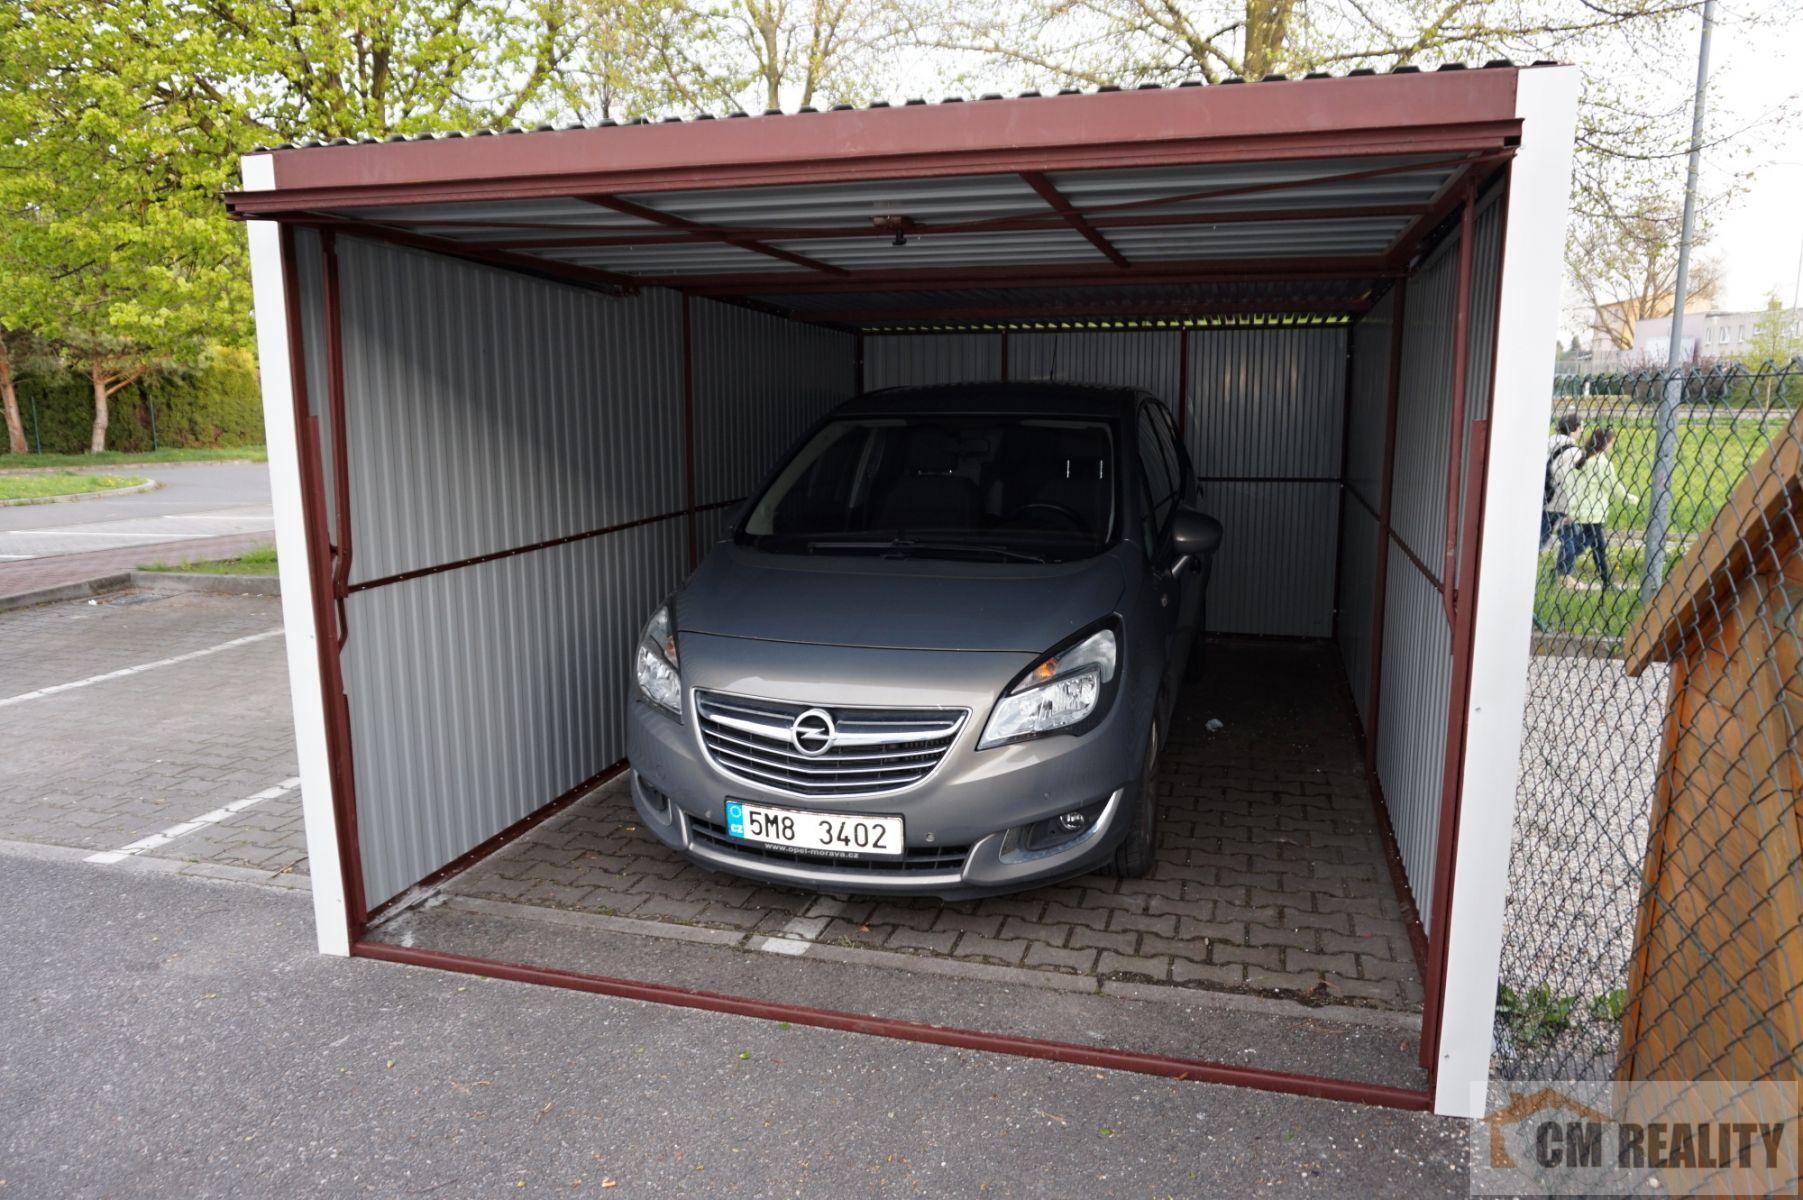 Prostějov, ul. Anenská  pronájem garáží u obchodní pasáže Anděl